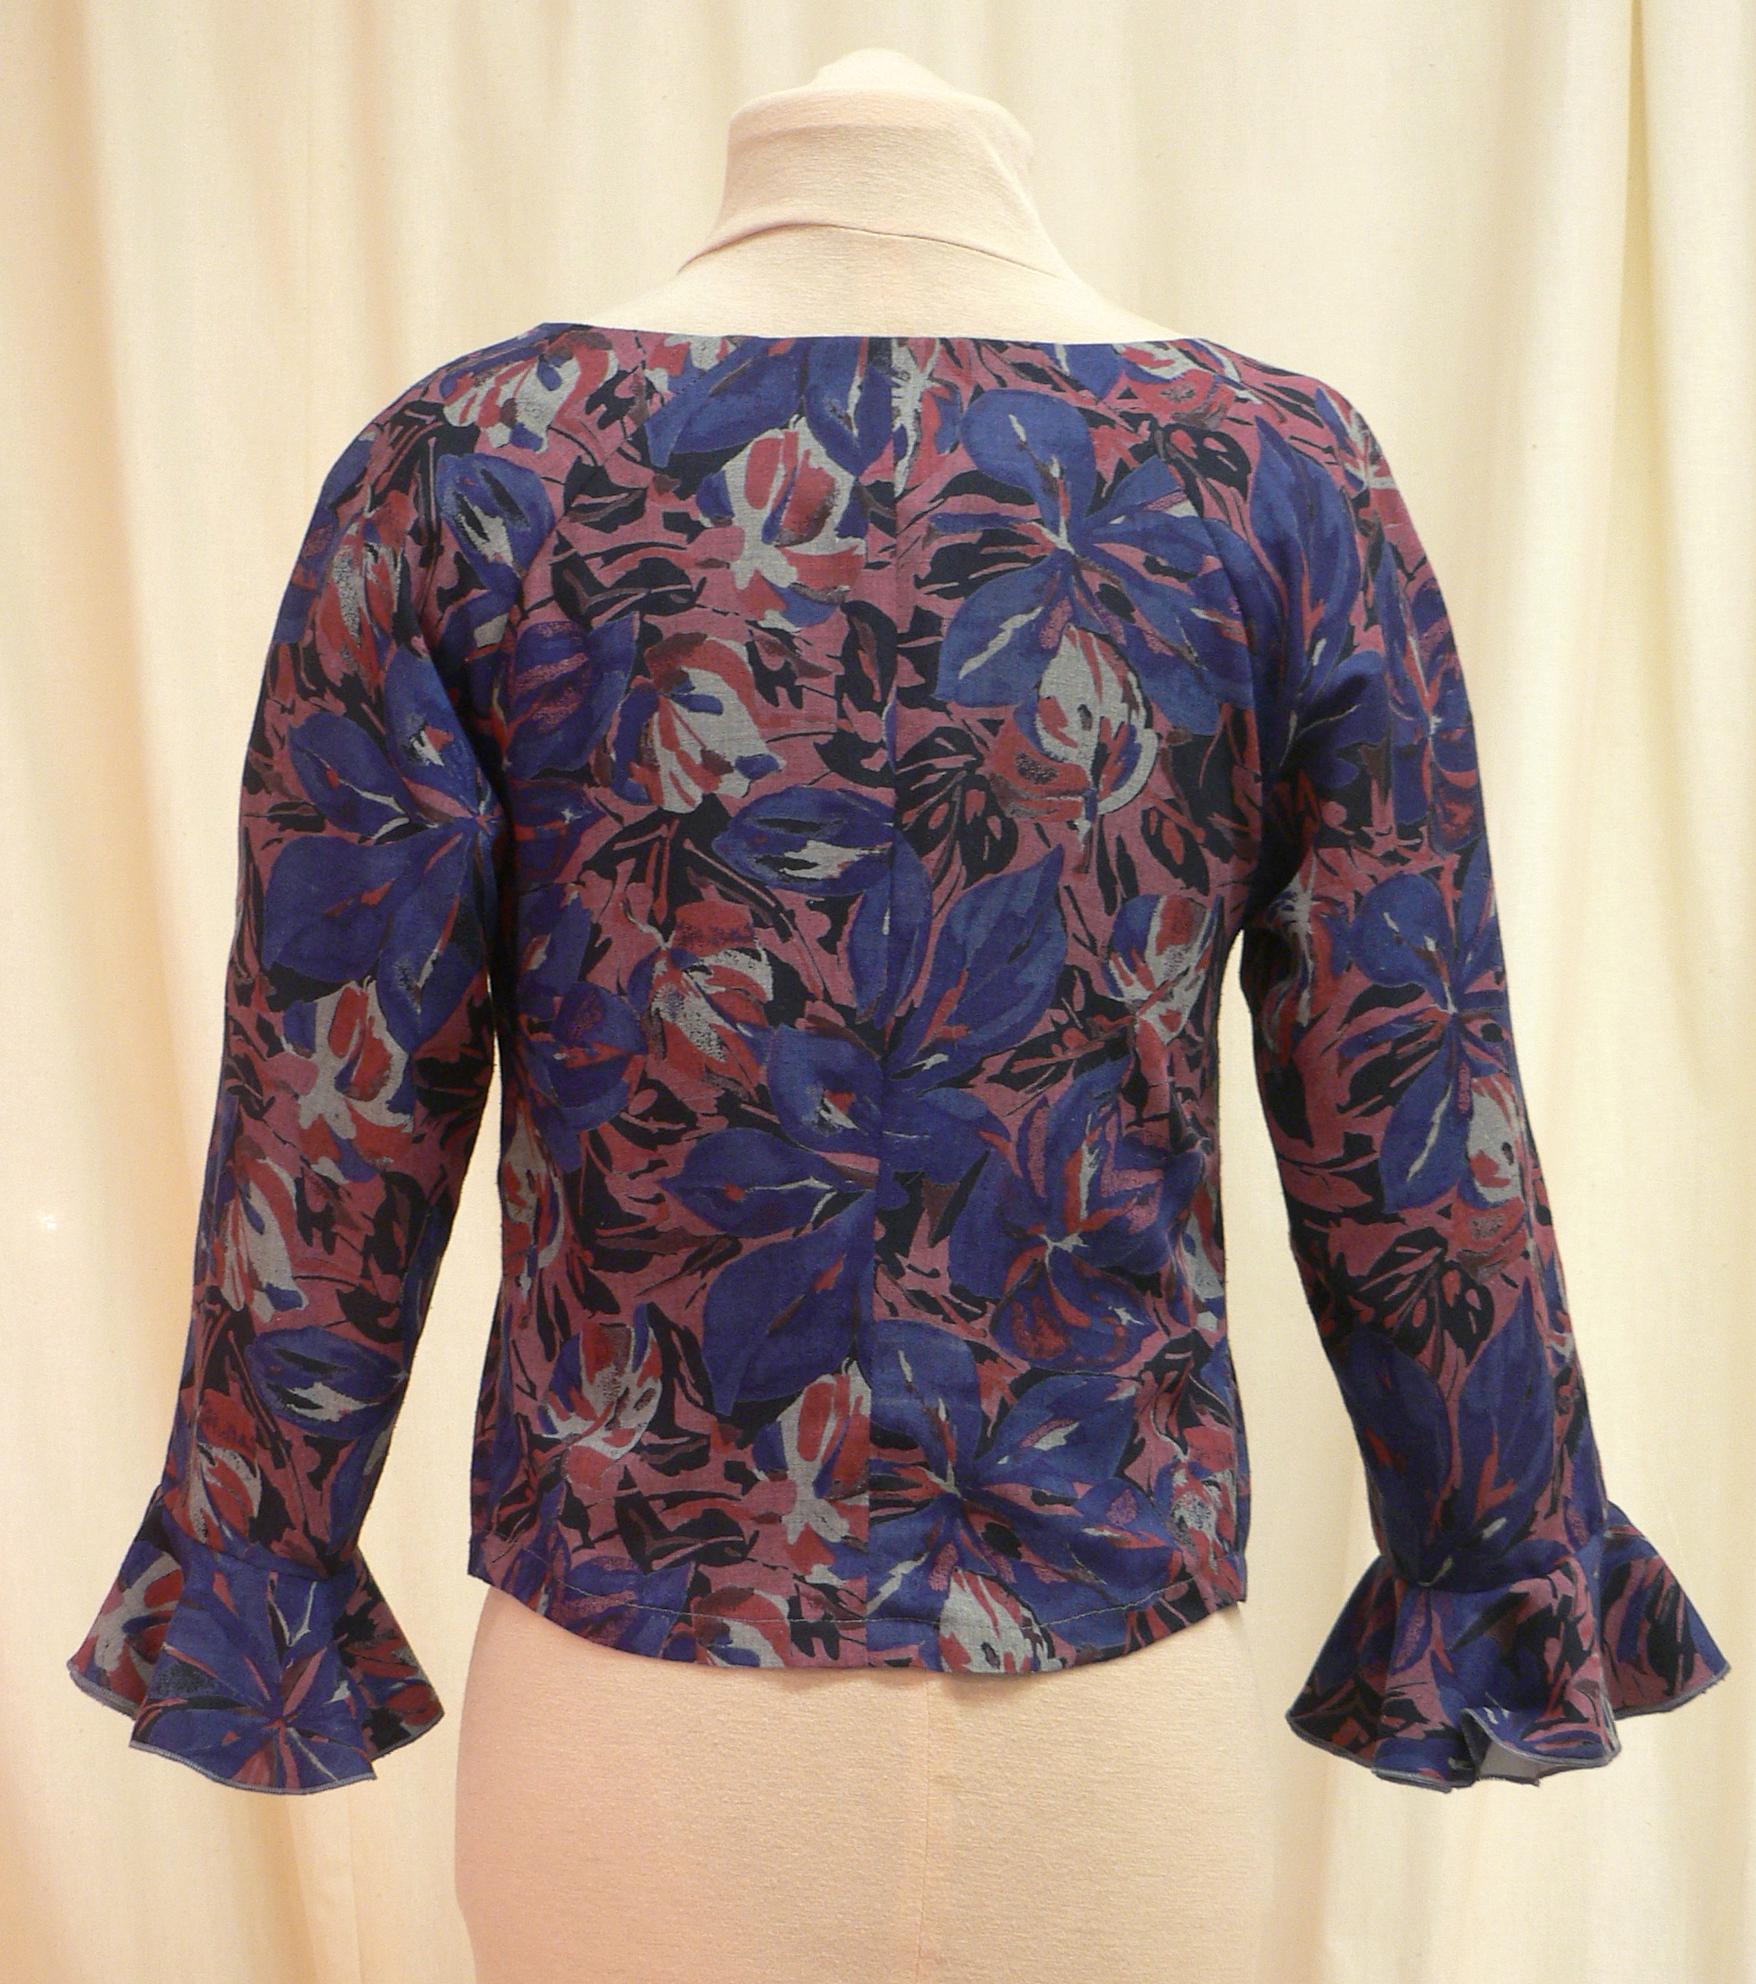 blouse05_back.jpg